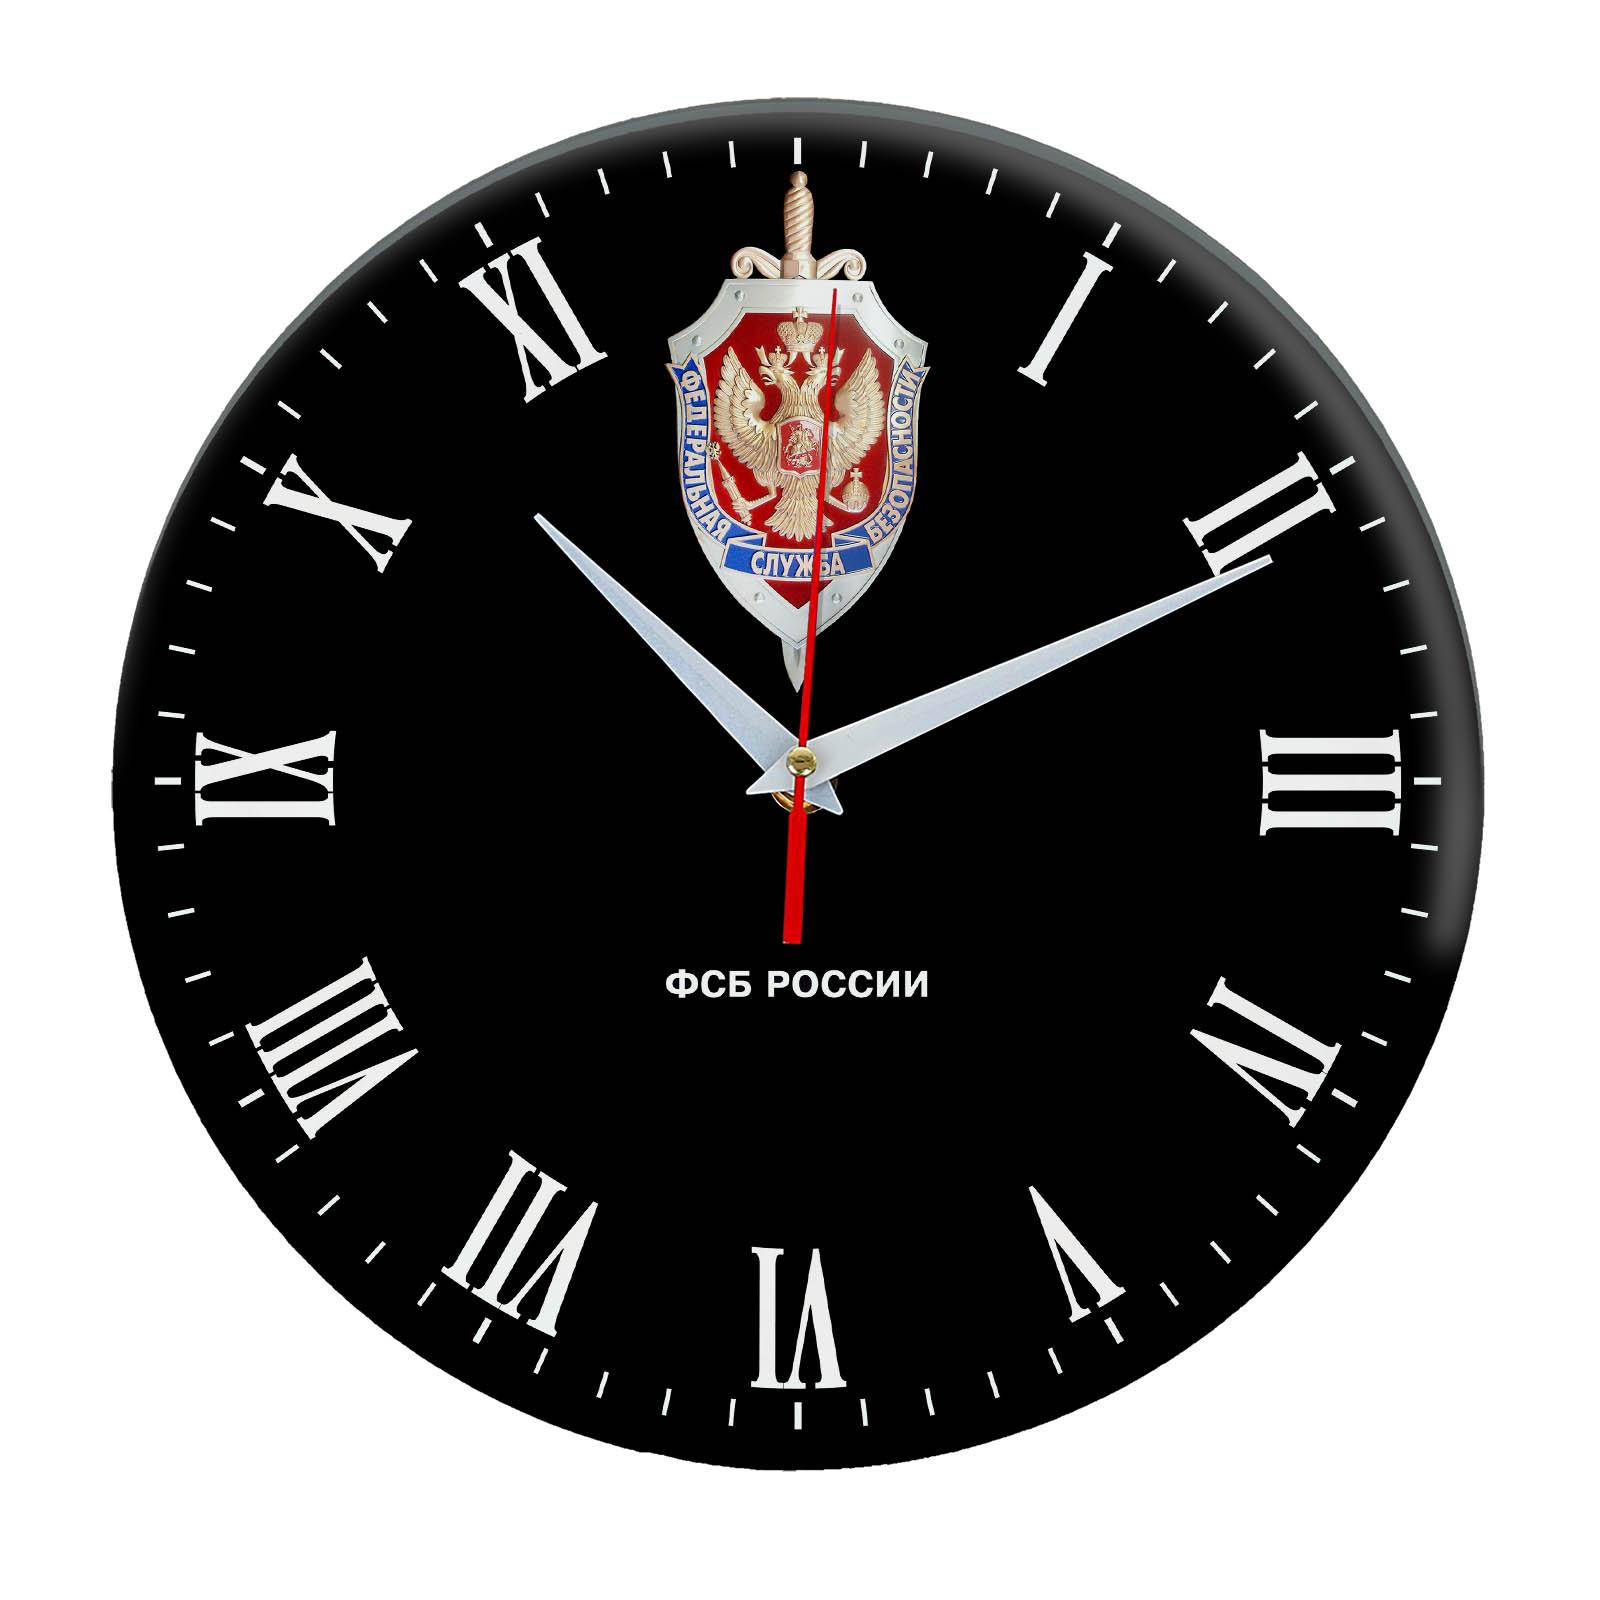 Настенные часы «fsb21»